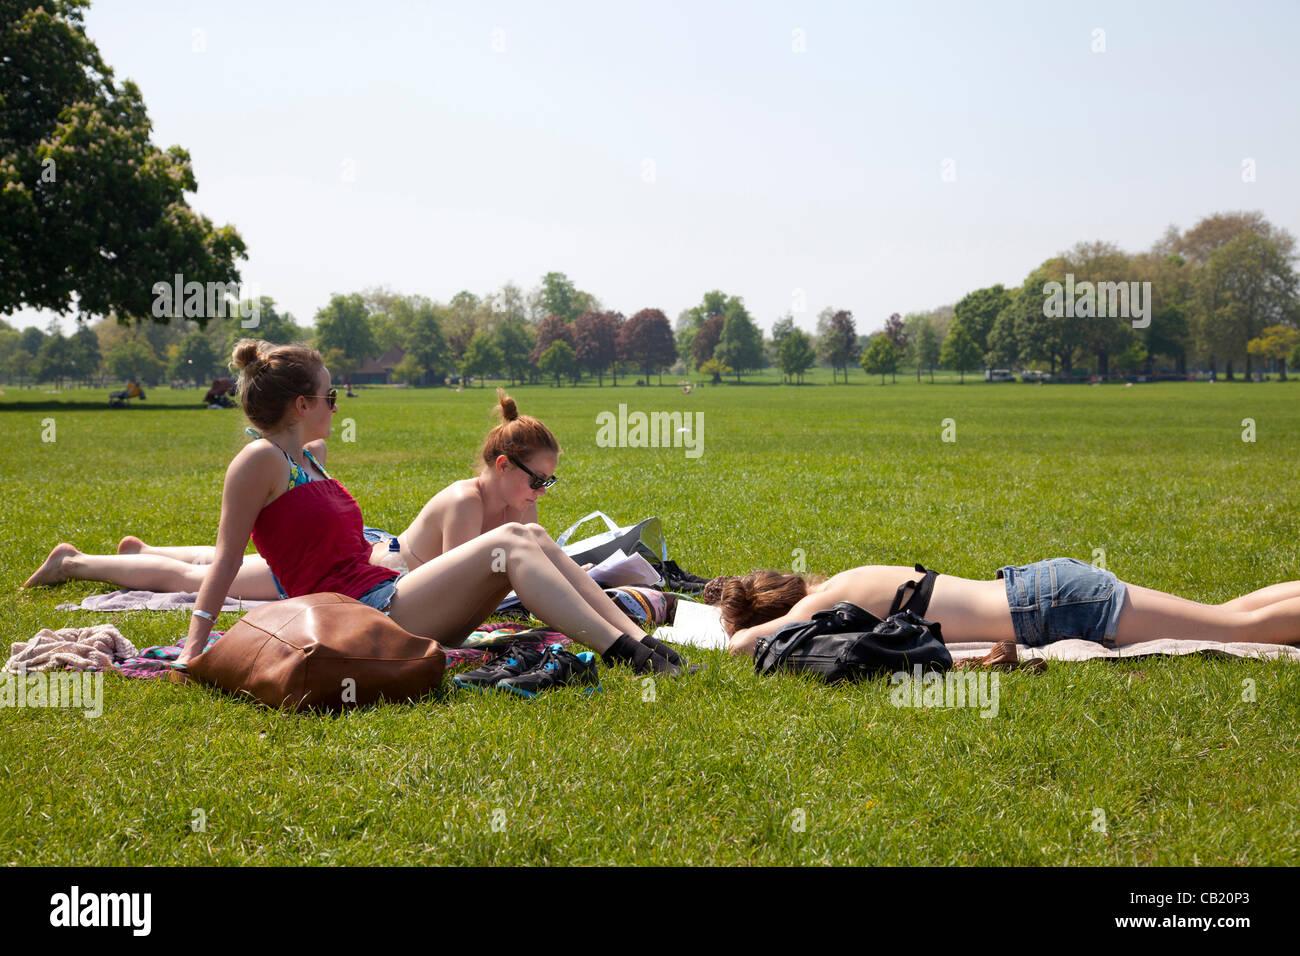 Tuesday 22nd May 2012. Group of girls enjoying Clapham Sunshine, London, UK. - Stock Image